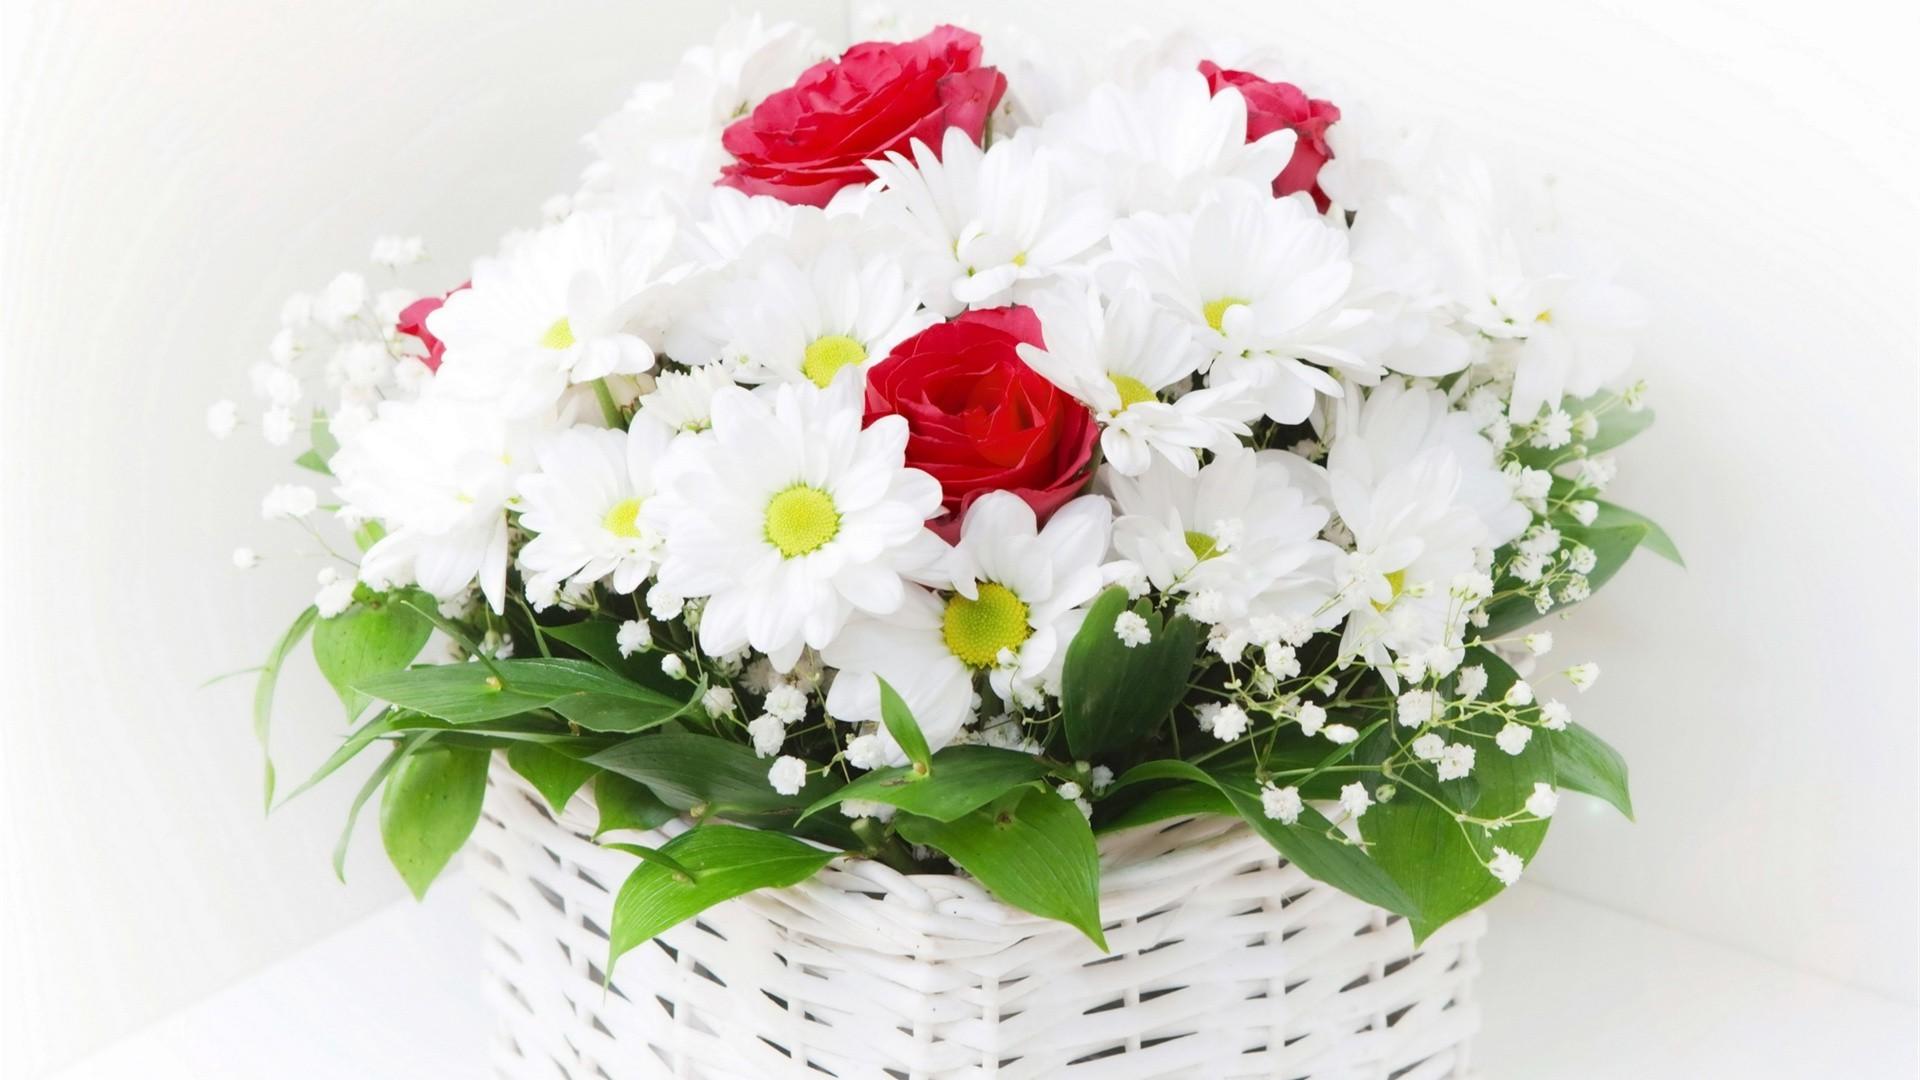 Красивые открытки с днем рождения женщине с хризантемами